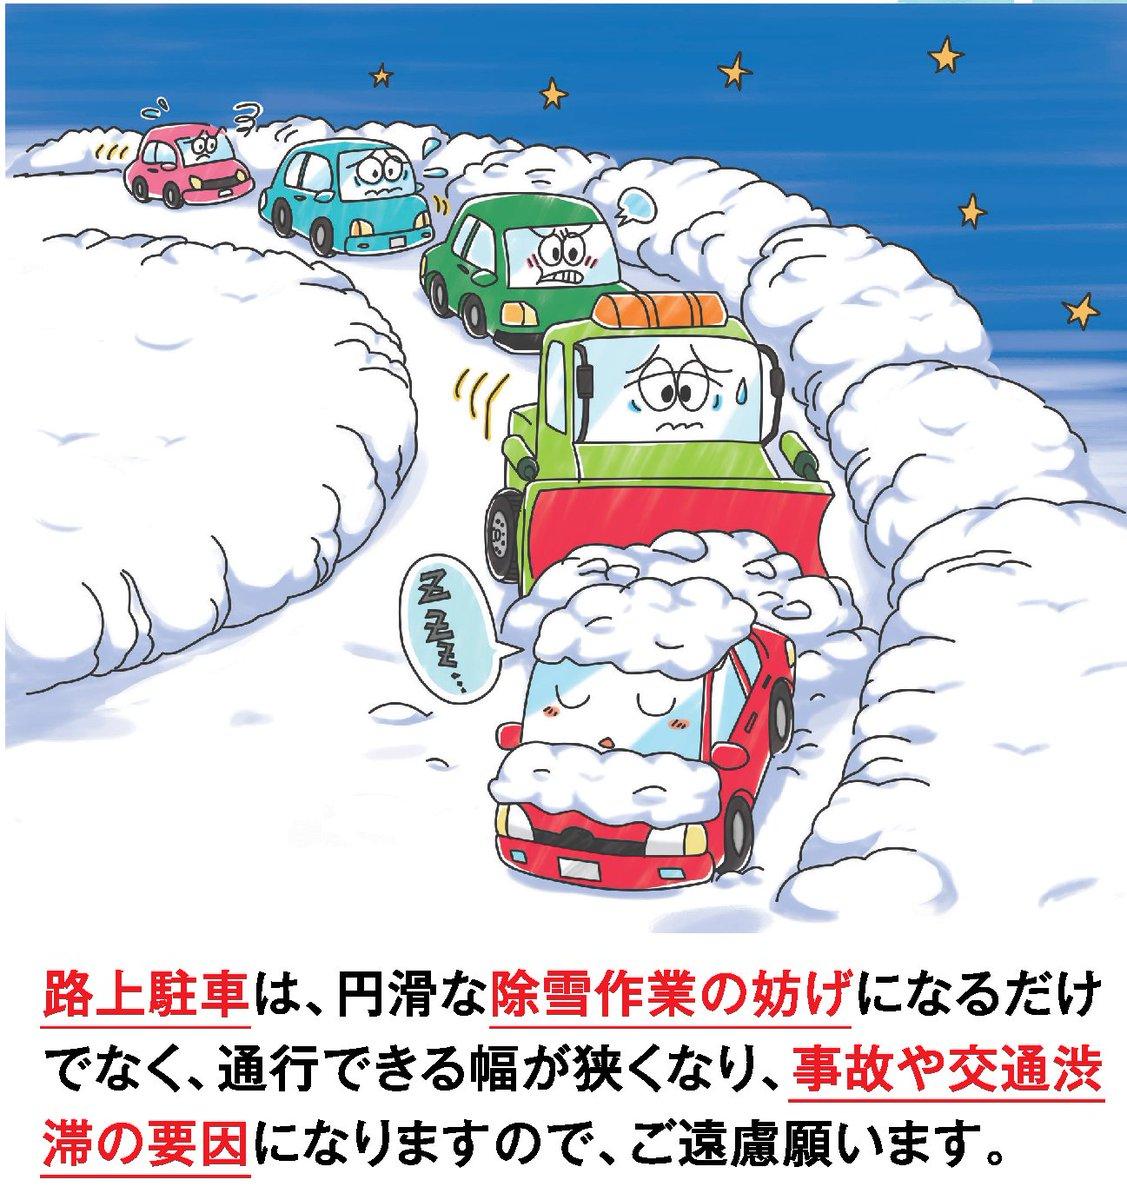 省 局 交通 国土 北海道 開発